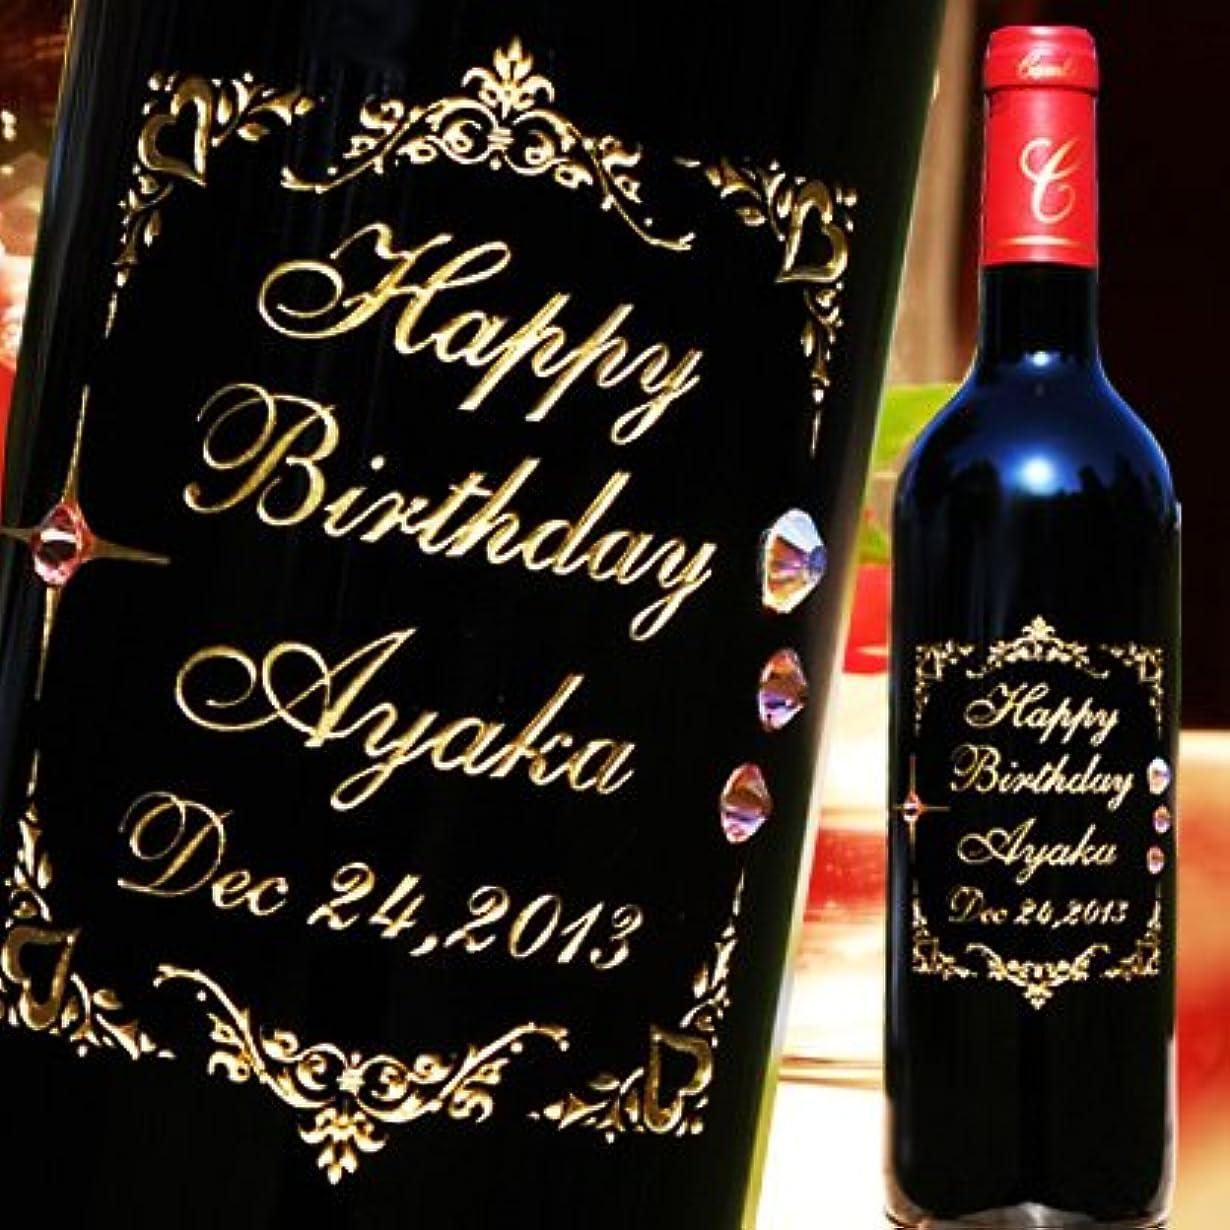 ショッピングセンター商人物理的な名入れオリジナル赤ワイン彫刻ボトル ヴァルモン ルージュ(赤)750ML キラキラデコスワロ付